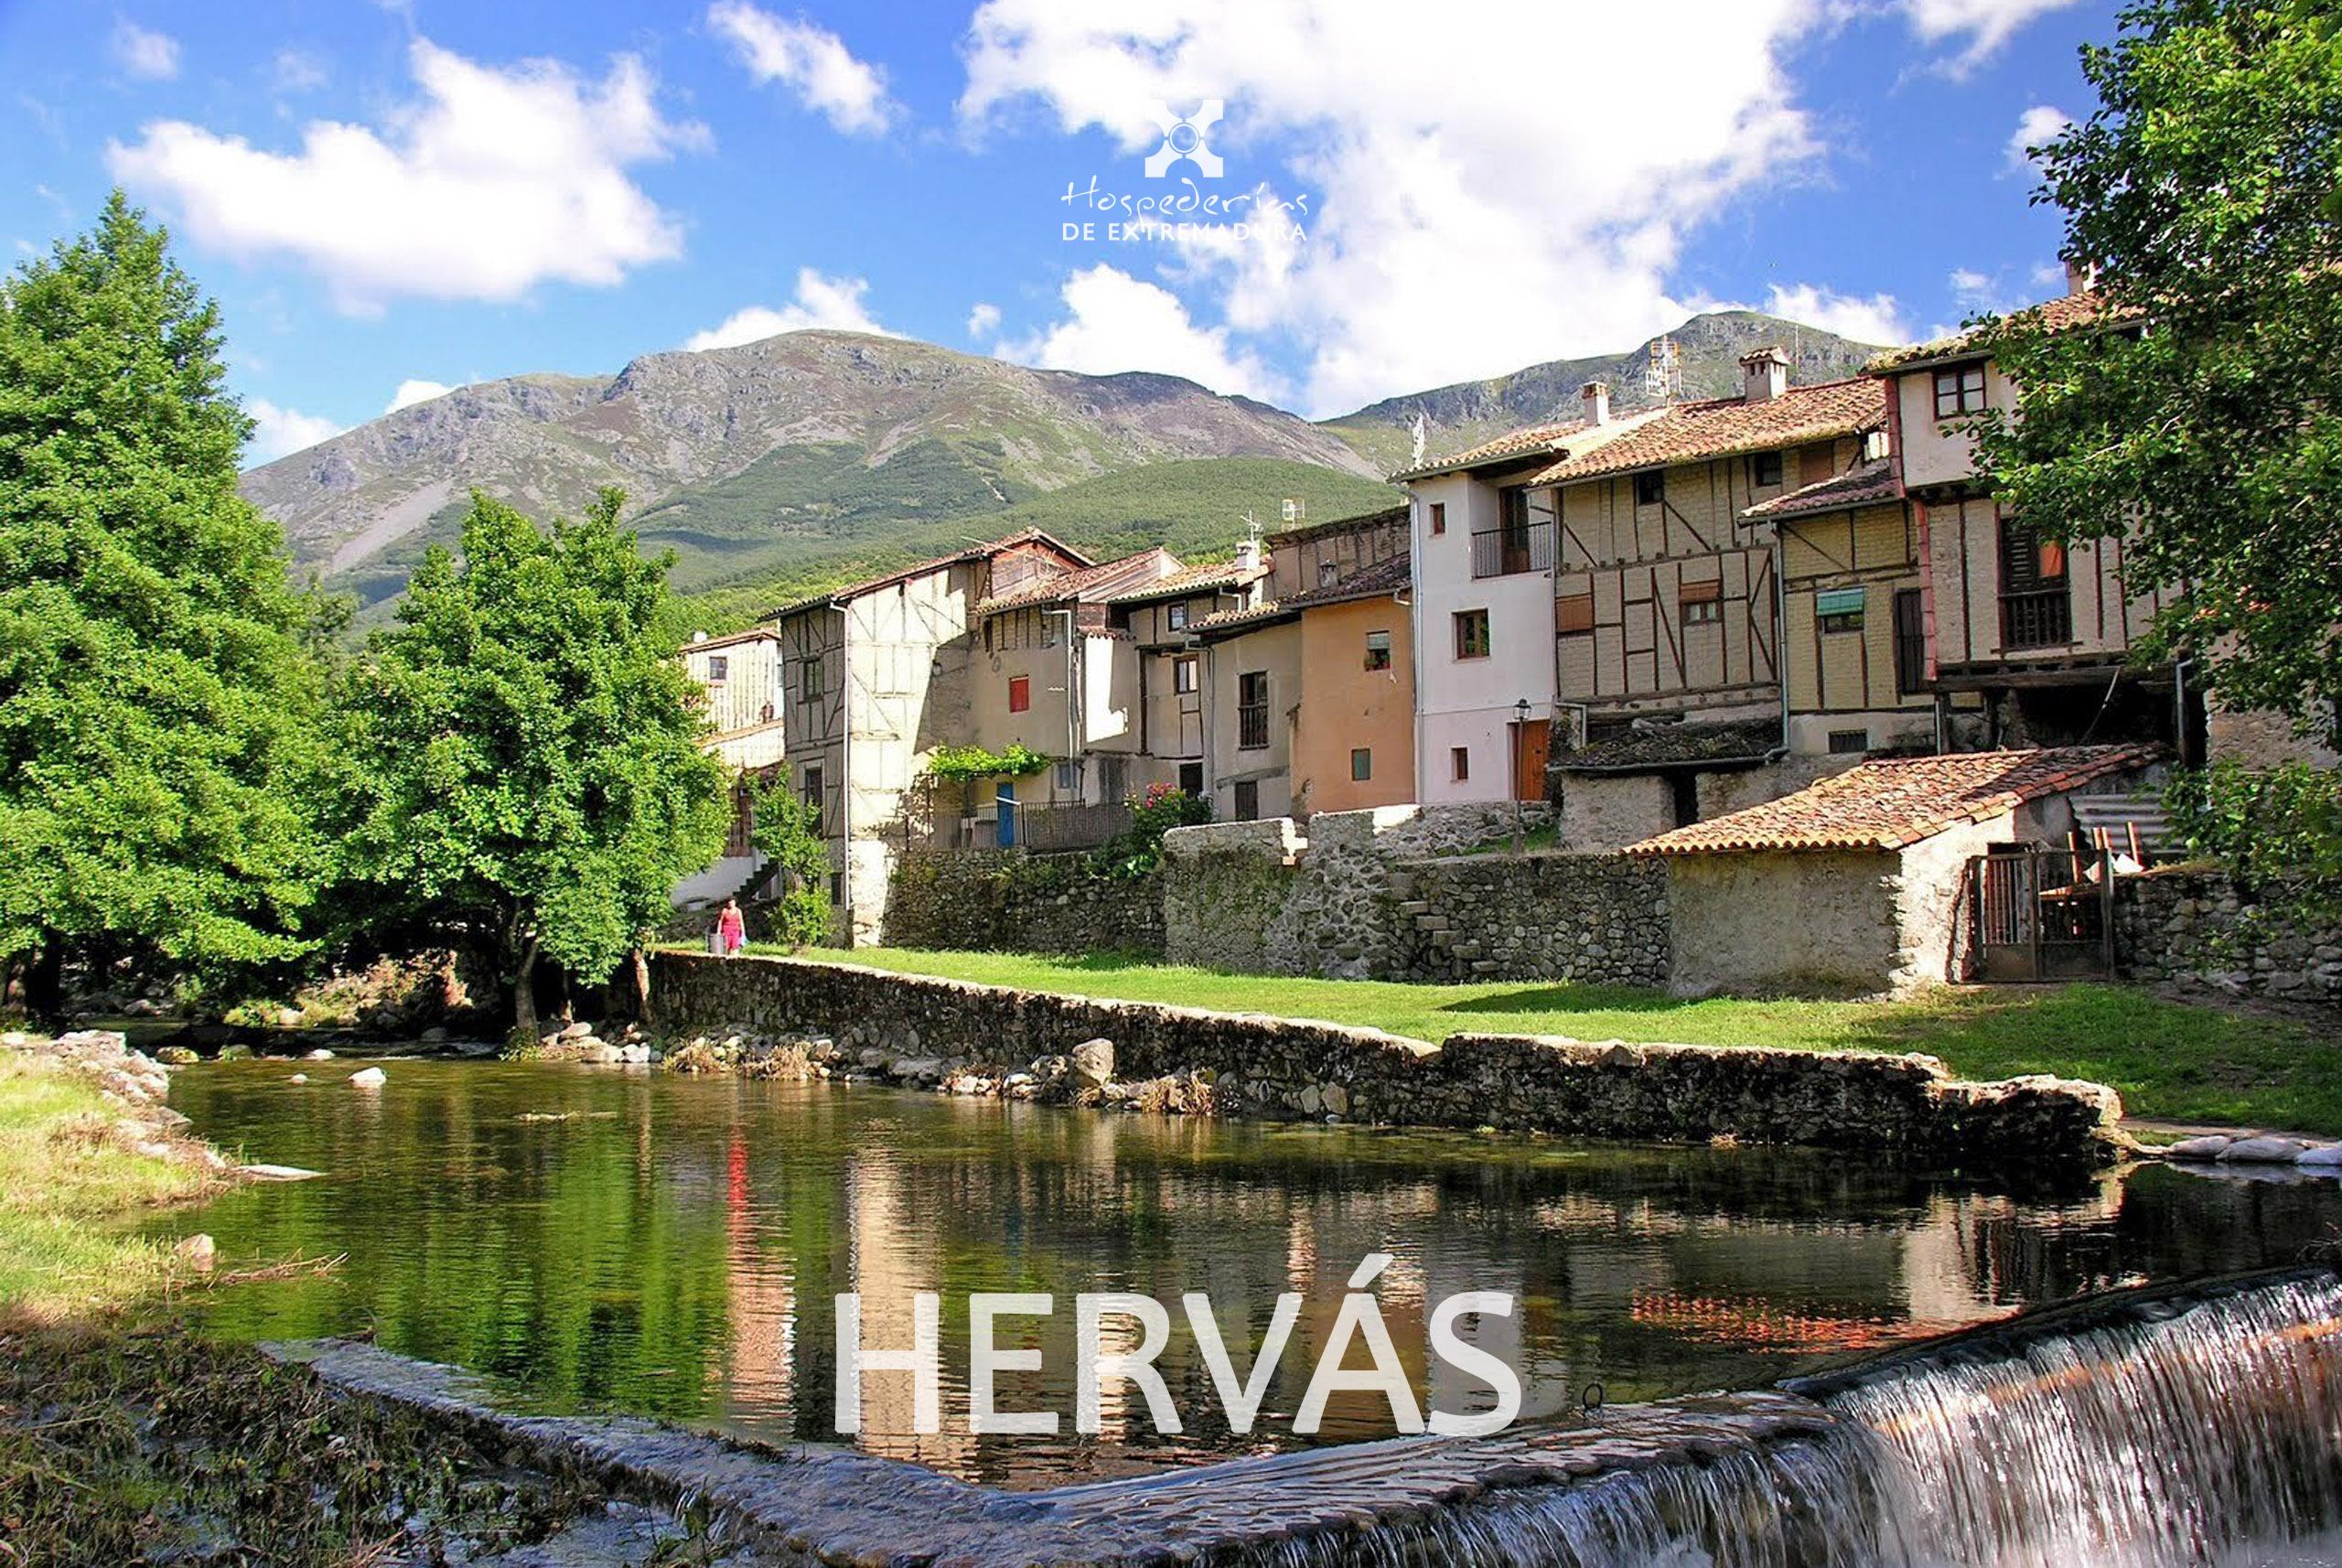 Fondos de pantalla con fotos de herv s for Hoteles rurales en extremadura con piscina